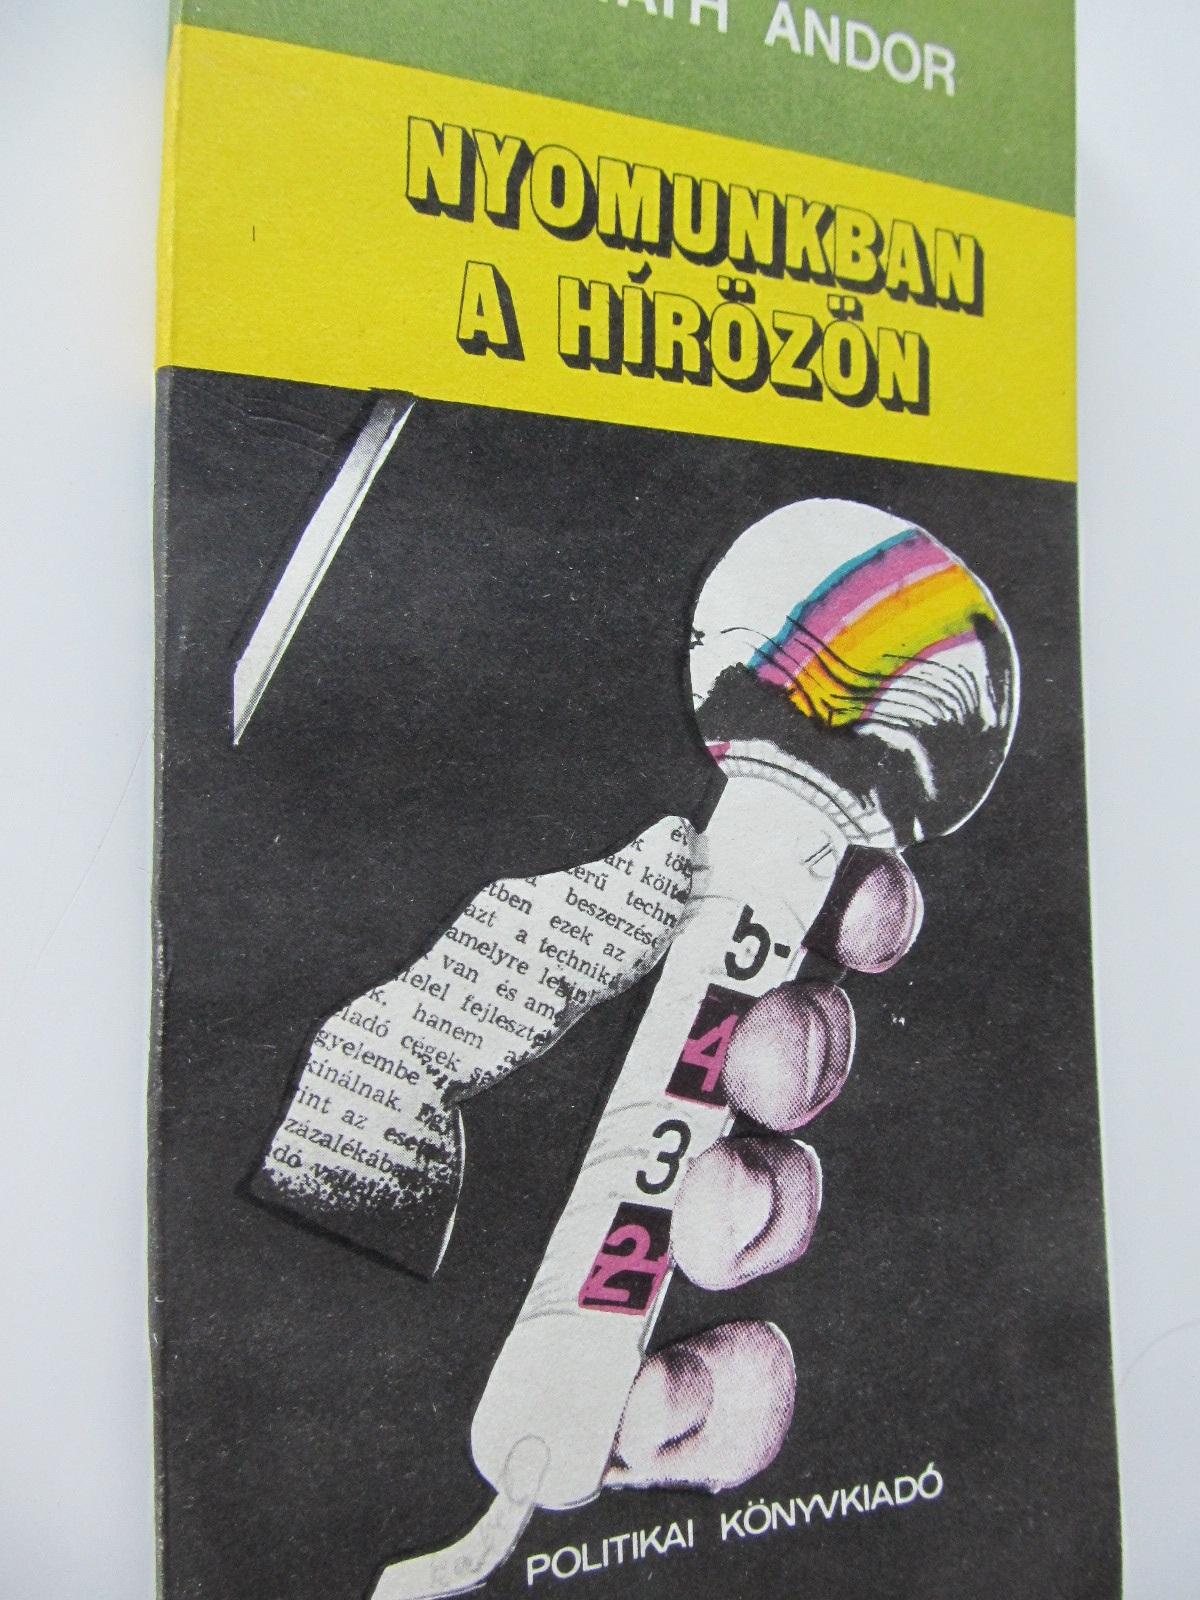 Nyomunkban a hirozon - Horvath Andor | Detalii carte